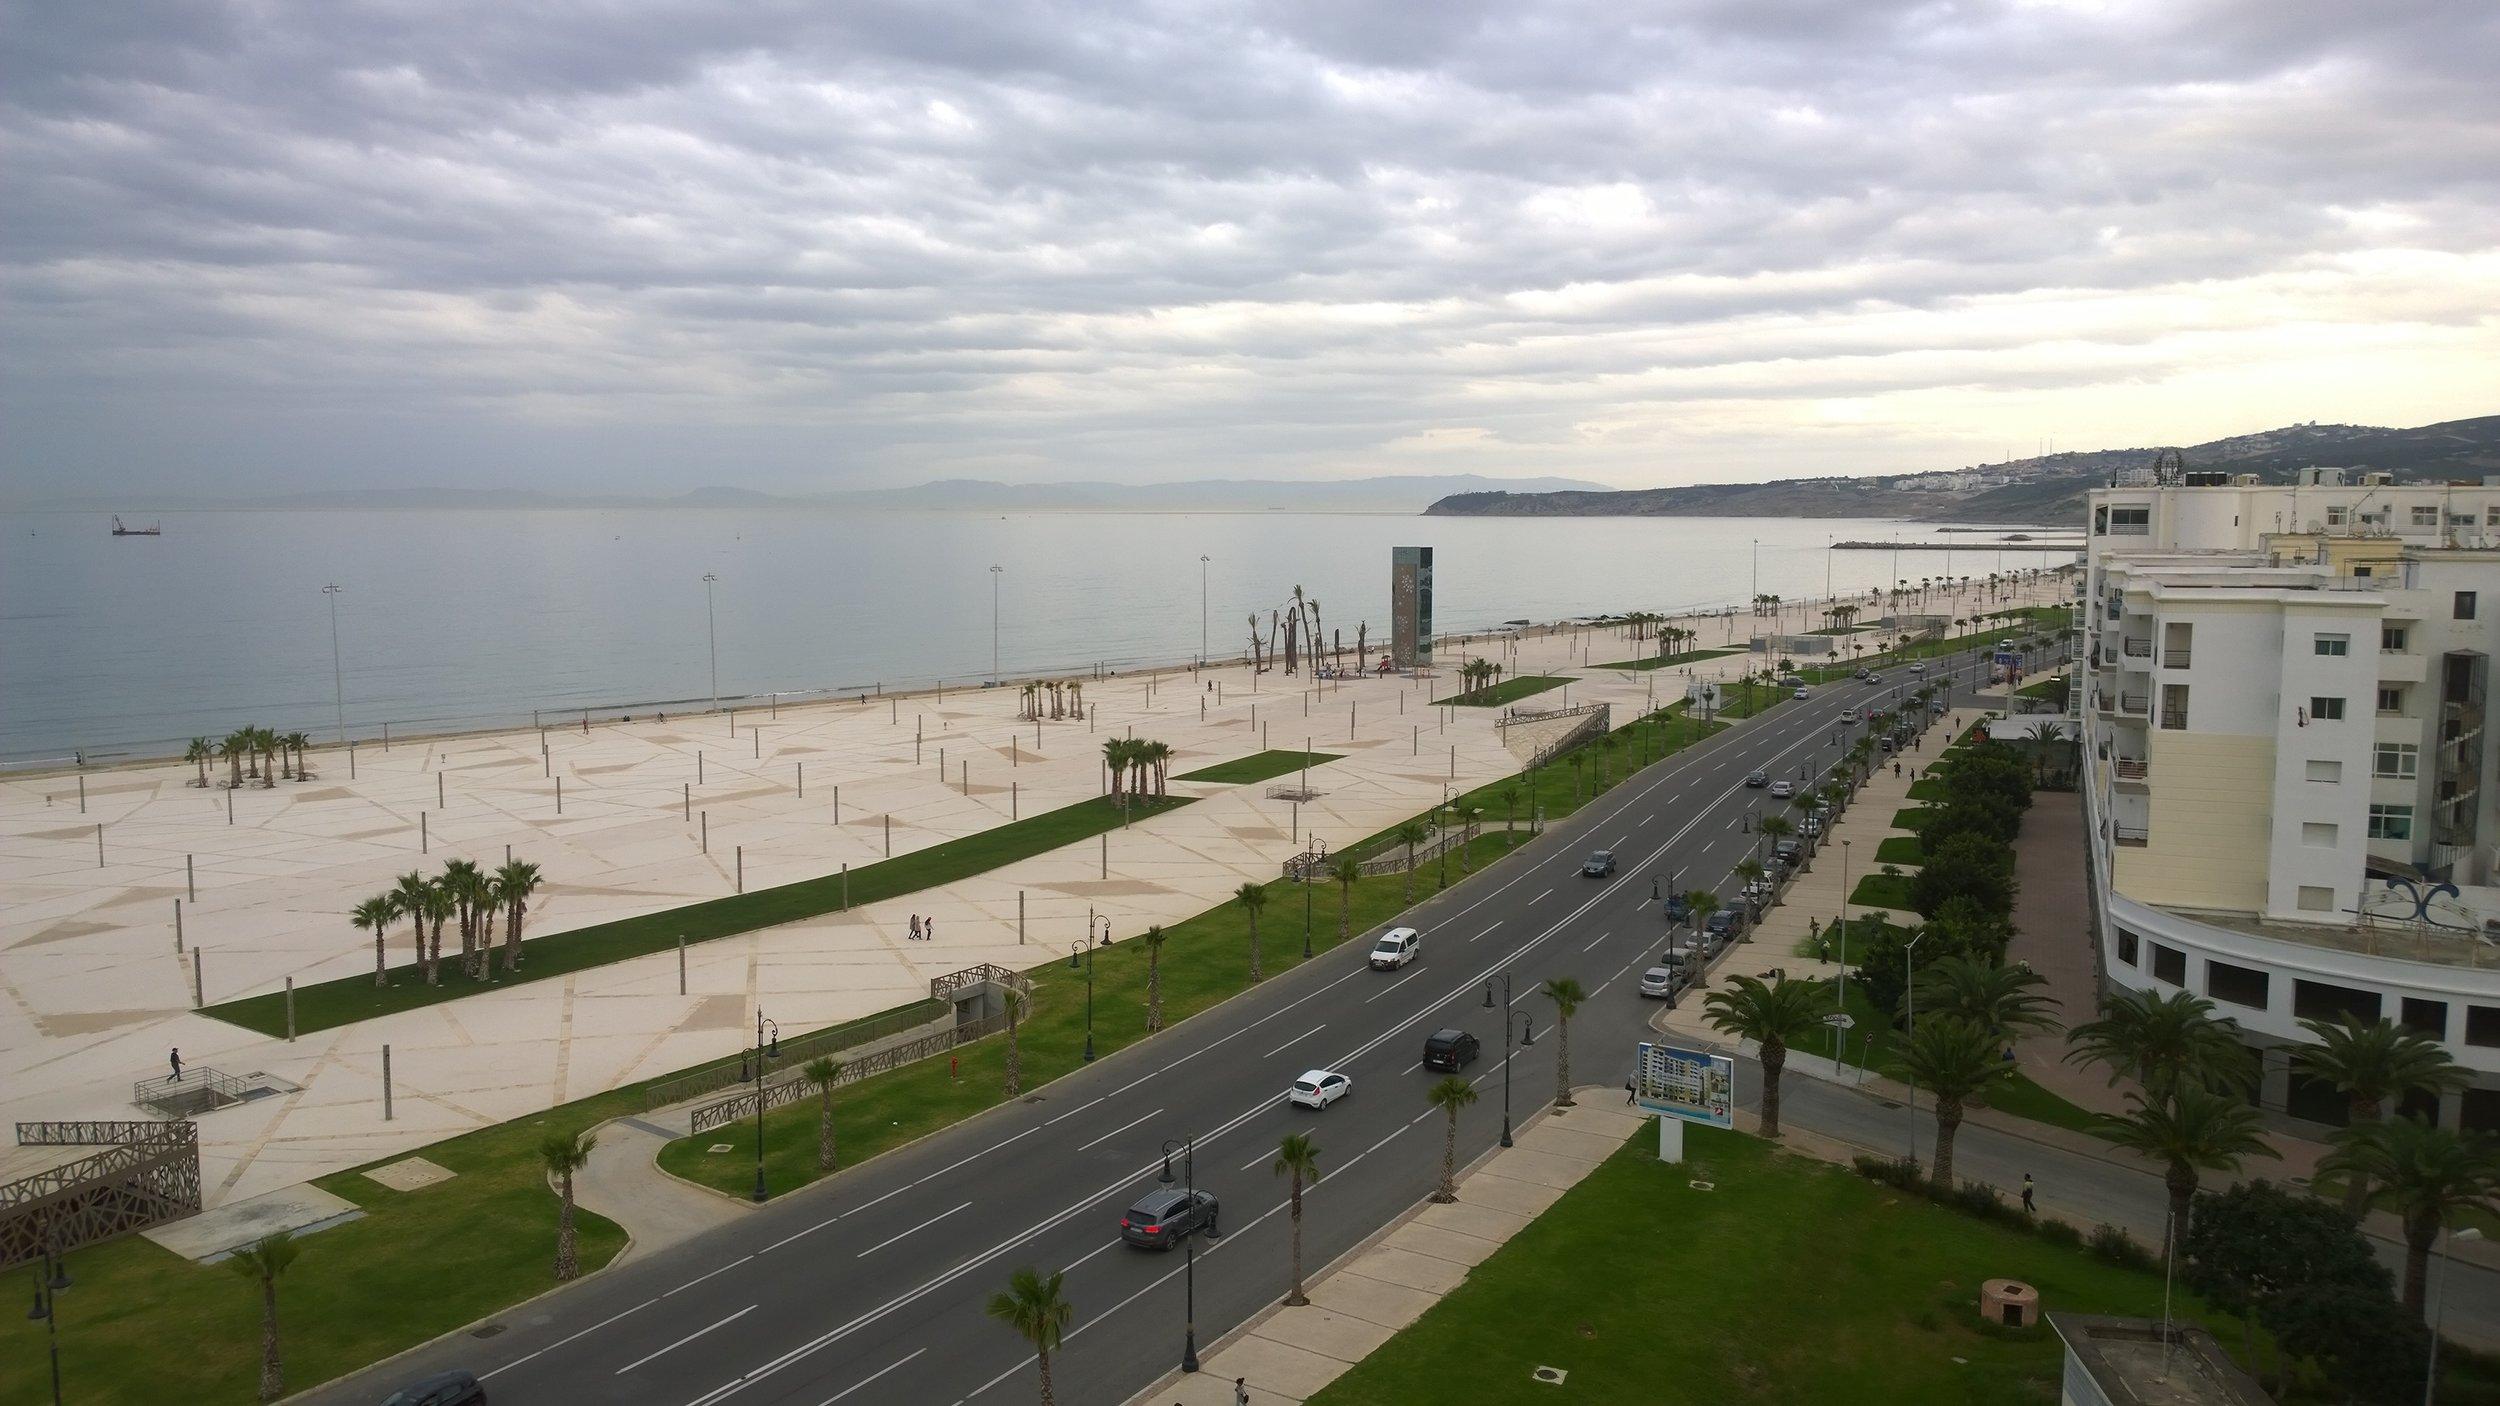 Hotellimme aivan lähellä Tangerin satamaa...